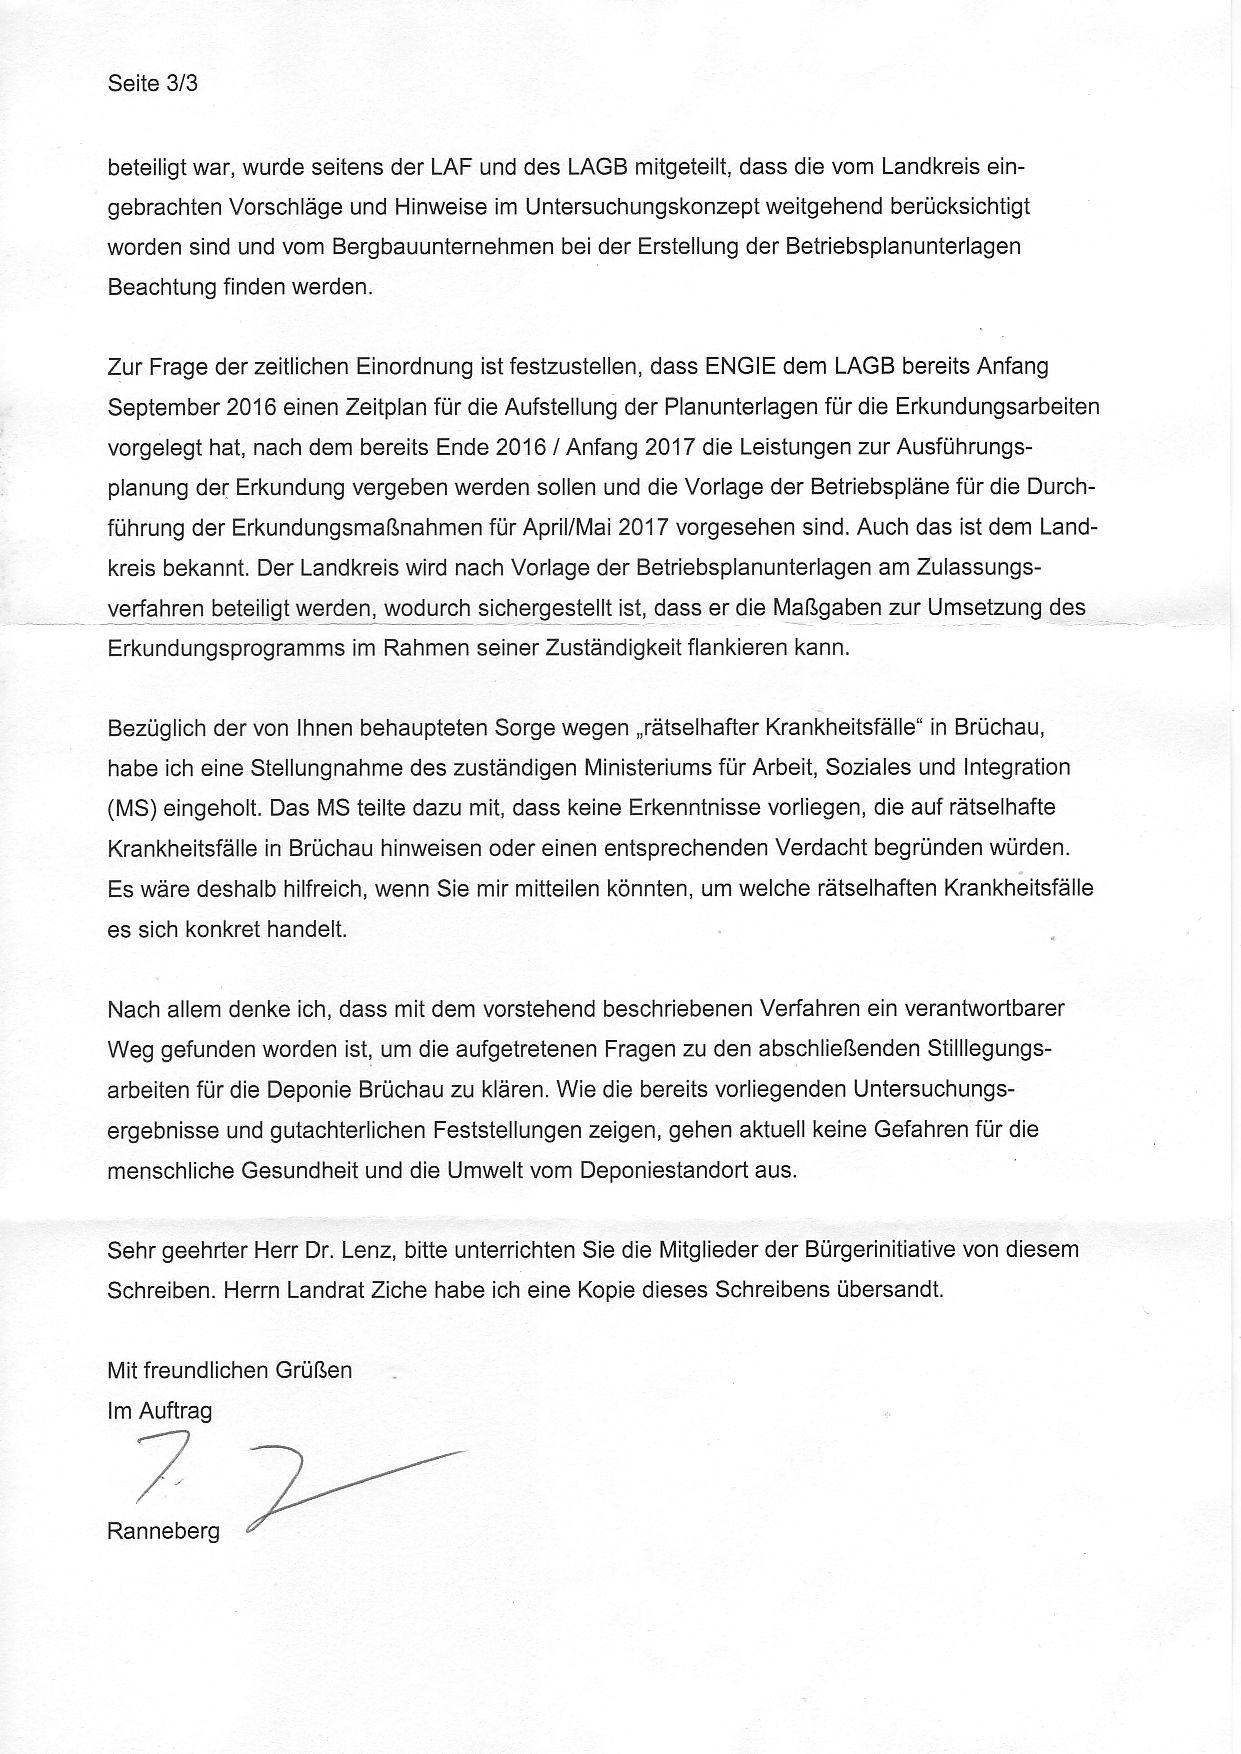 Brüchau « tRaumschule / Riebau